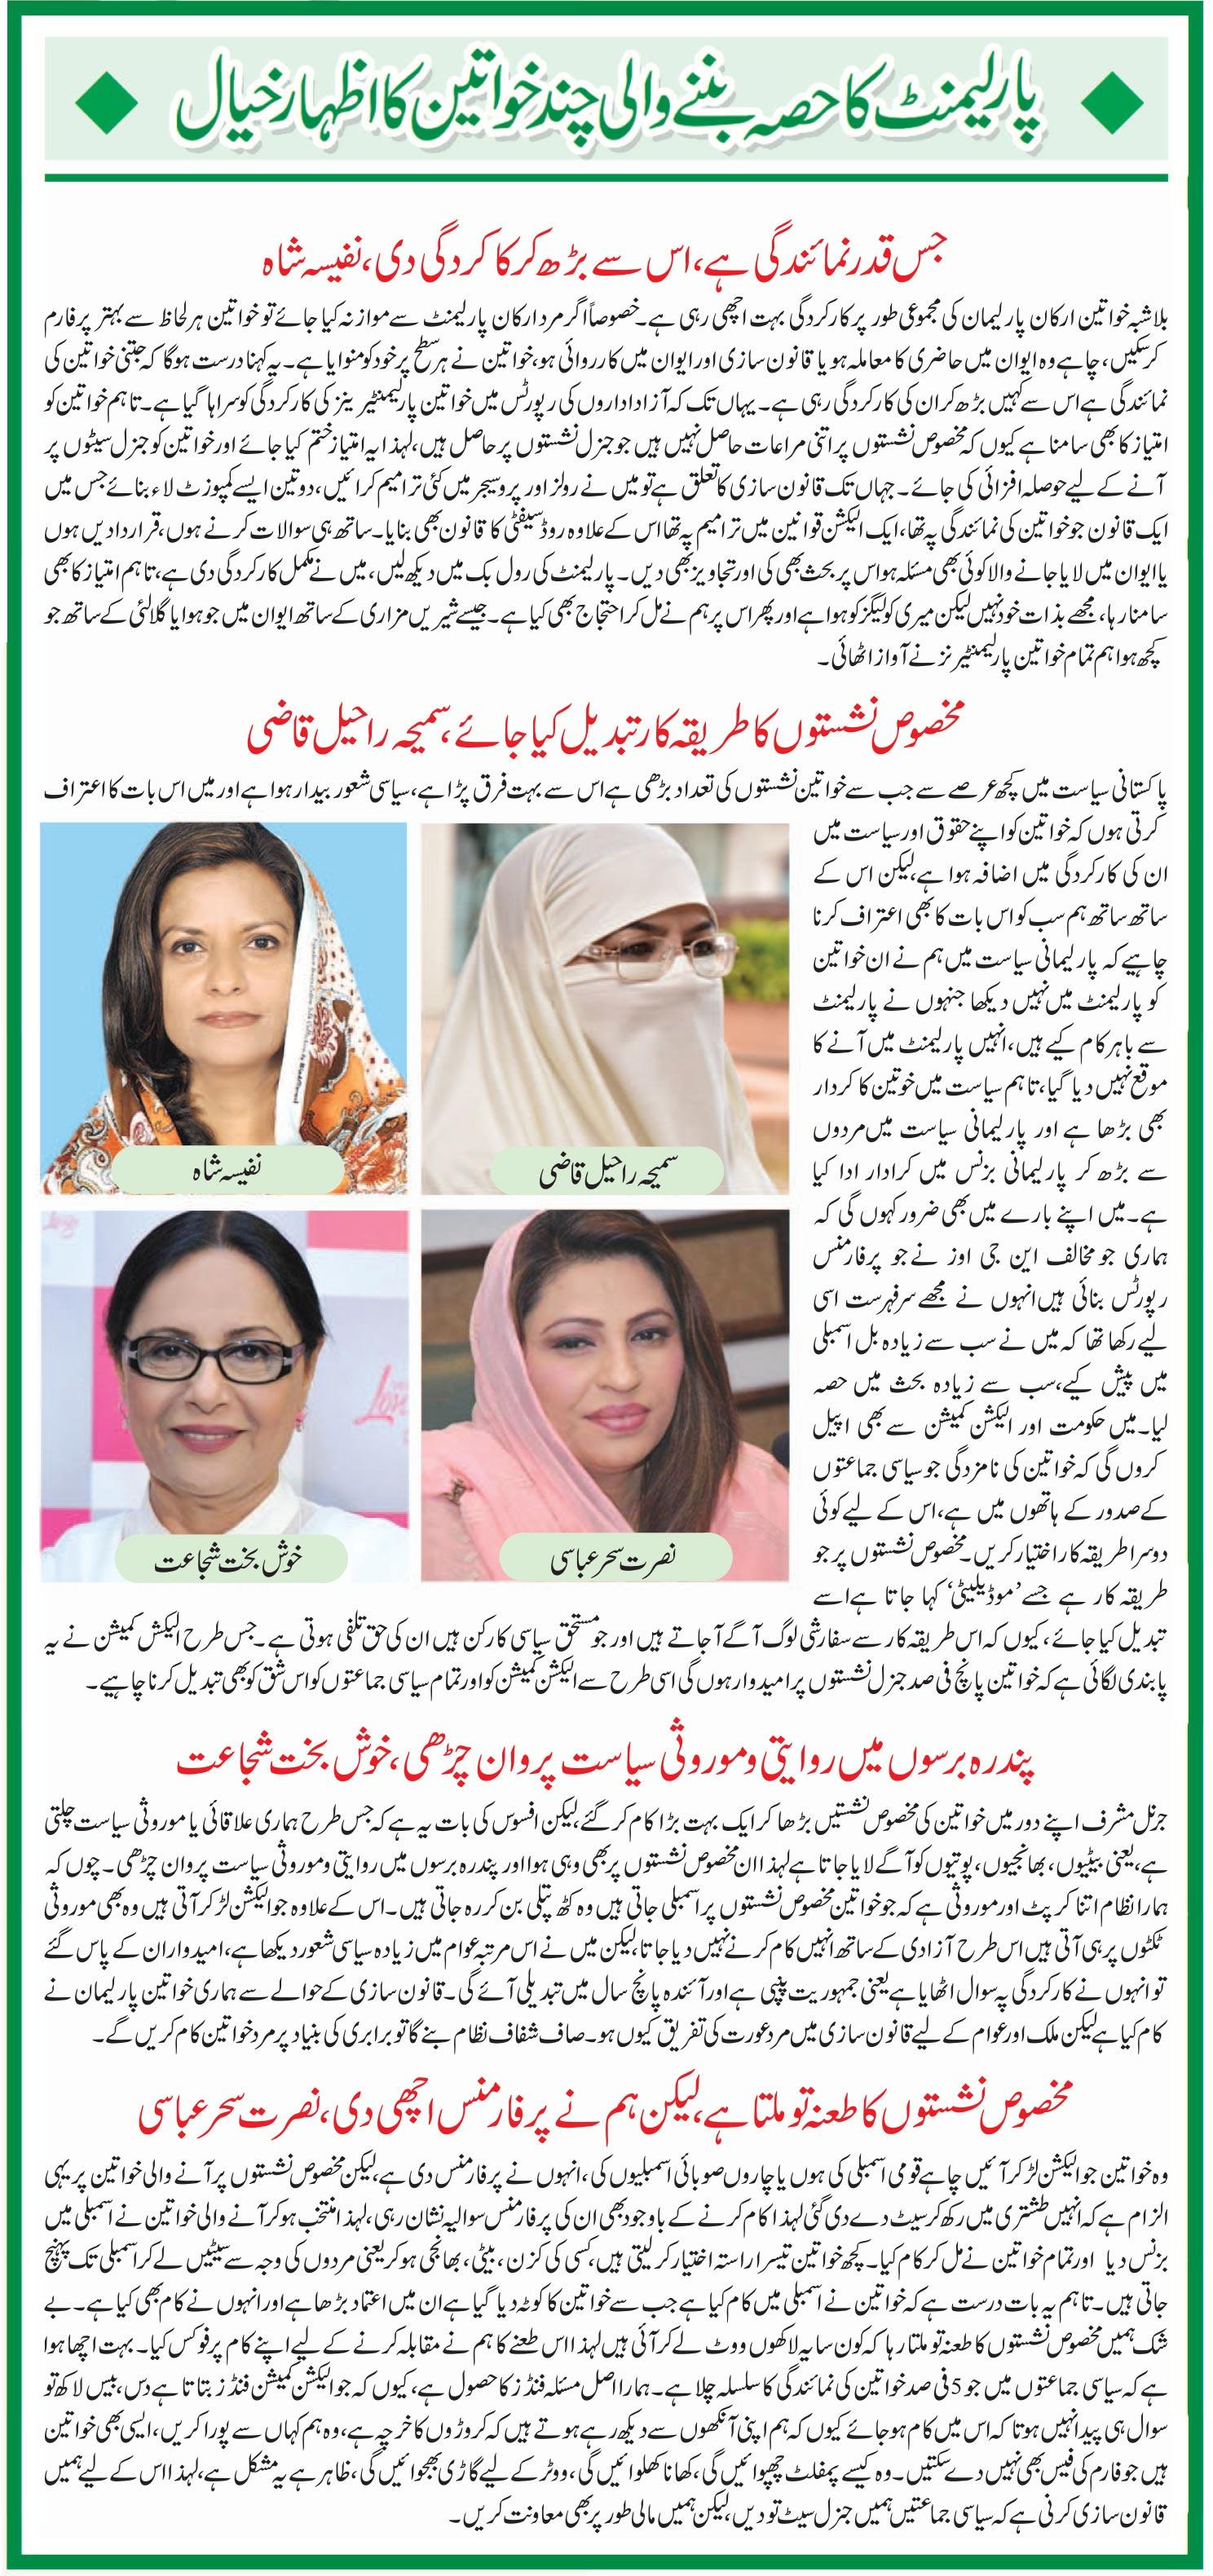 پالیسی سازی کے عمل میں خواتین کی شرکت ضروری ہے